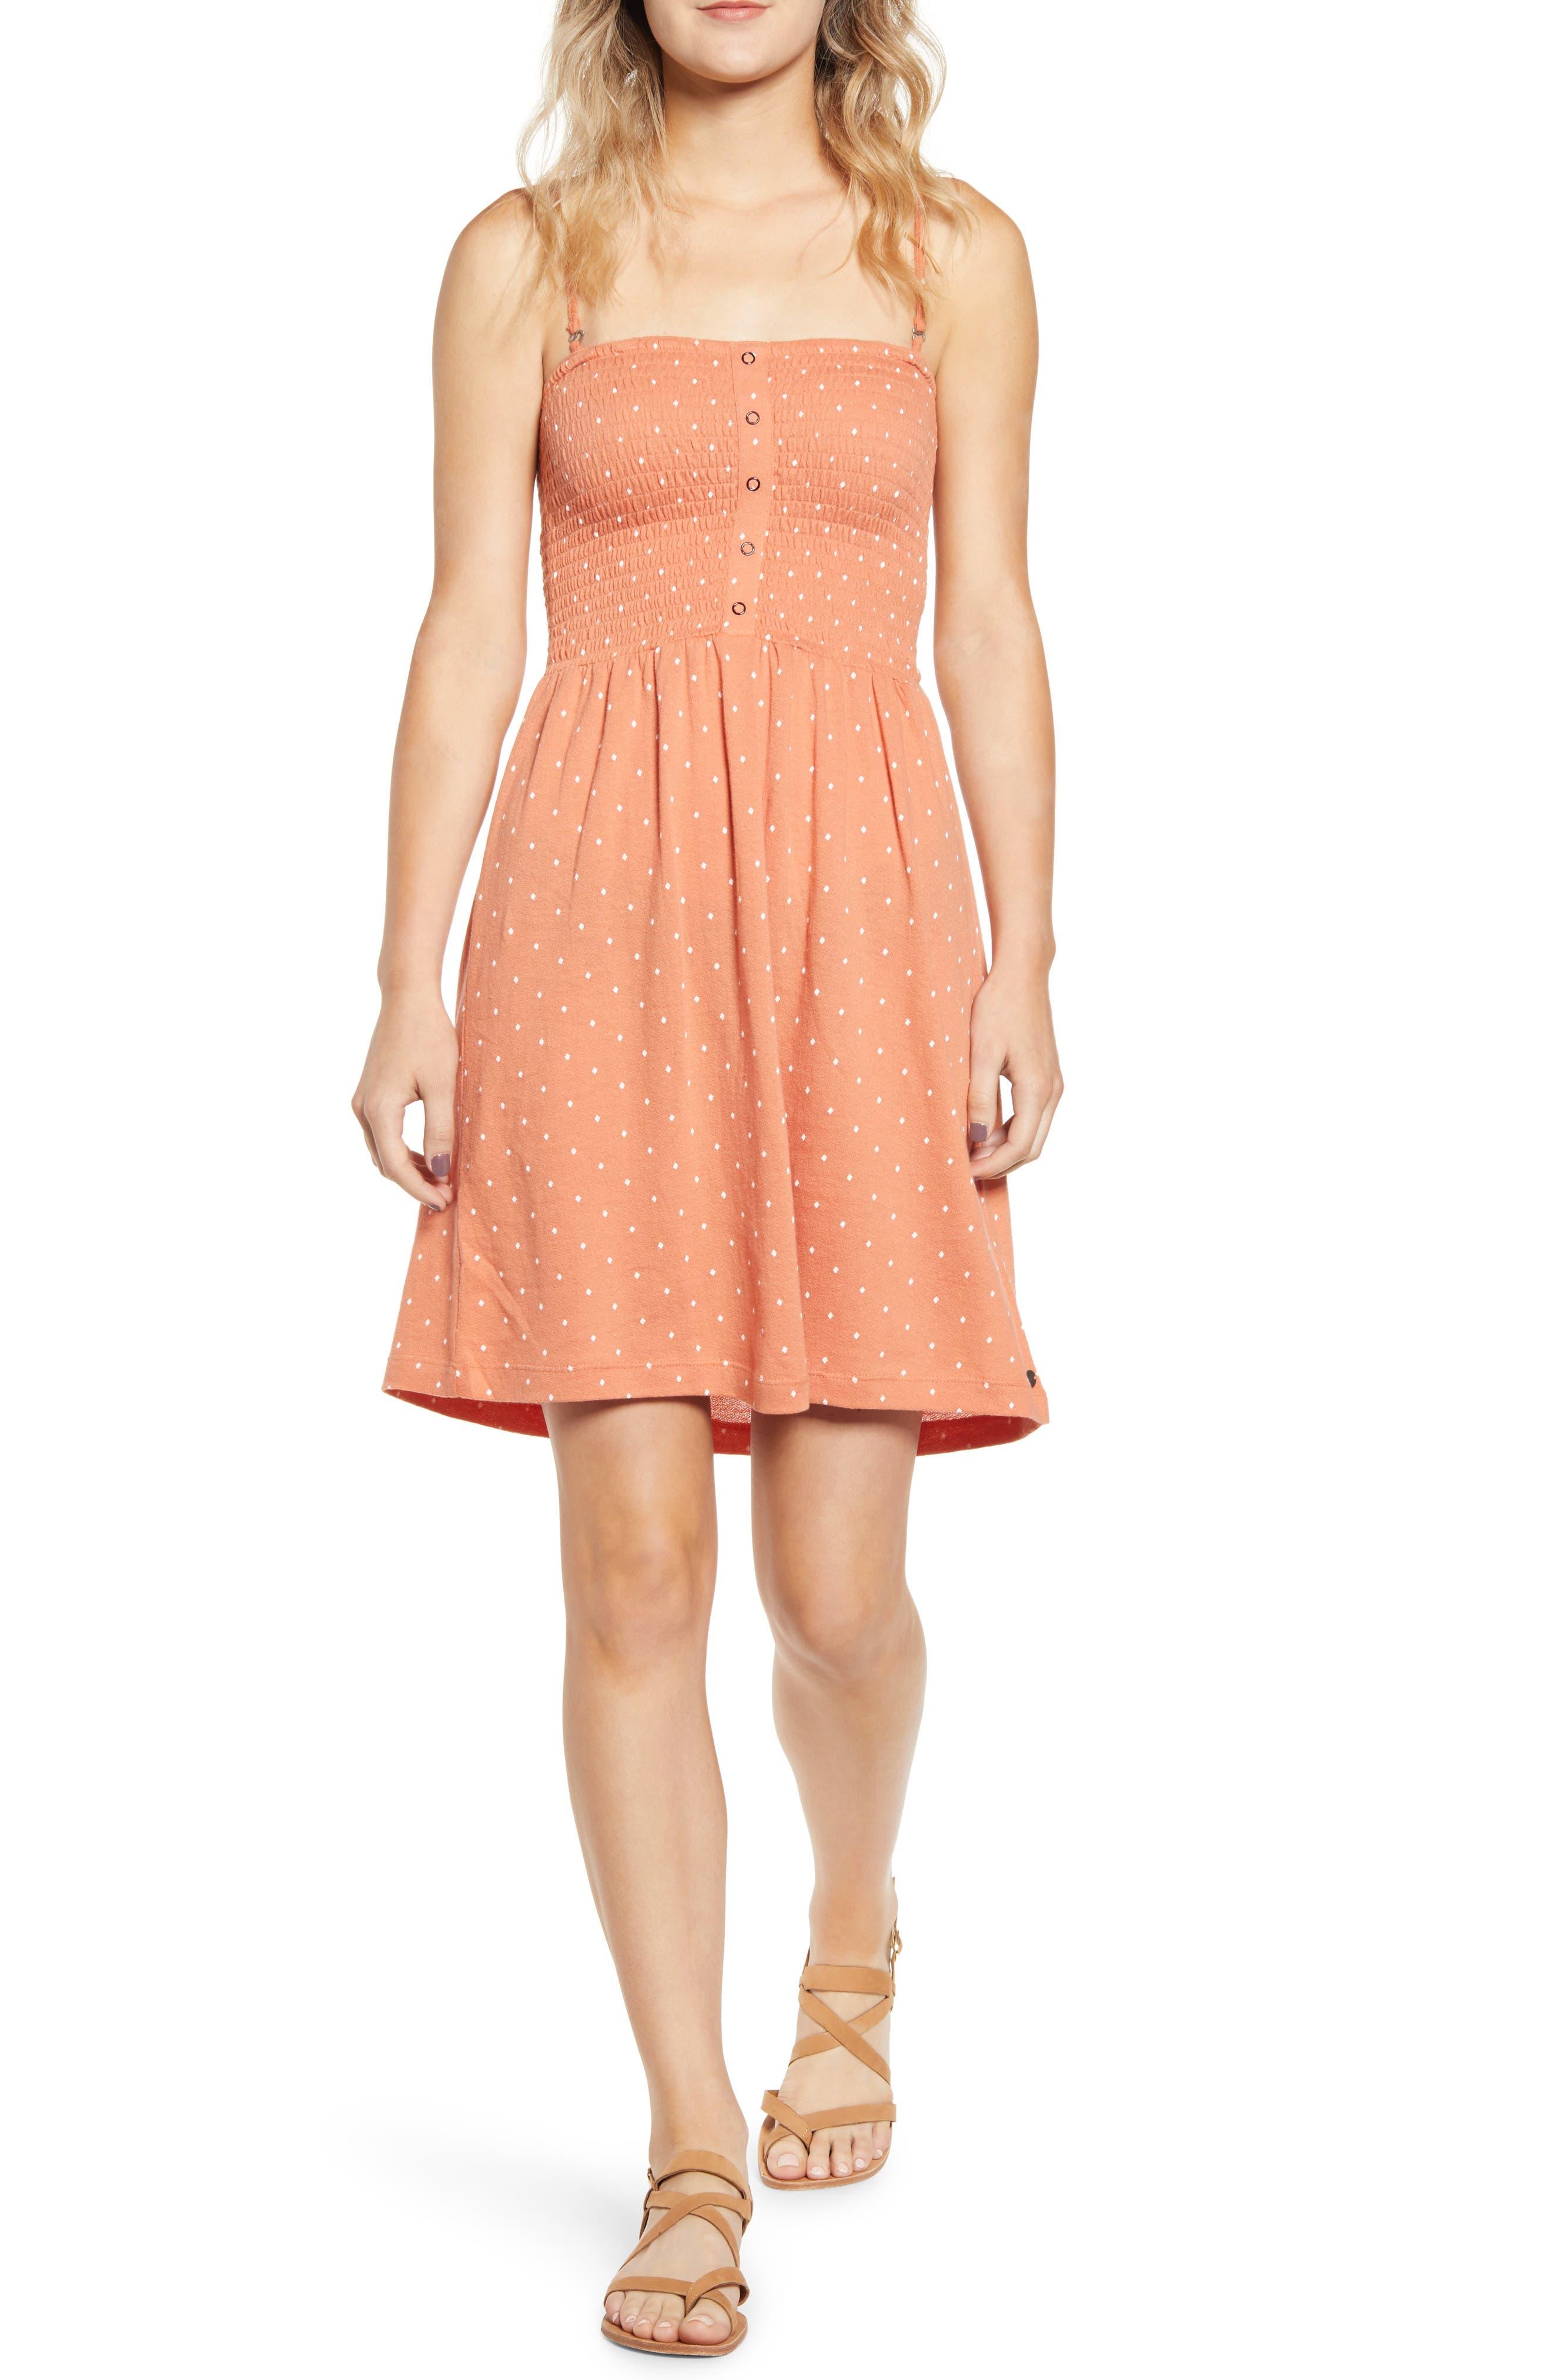 Roxy Summerland Party Sundress, Orange